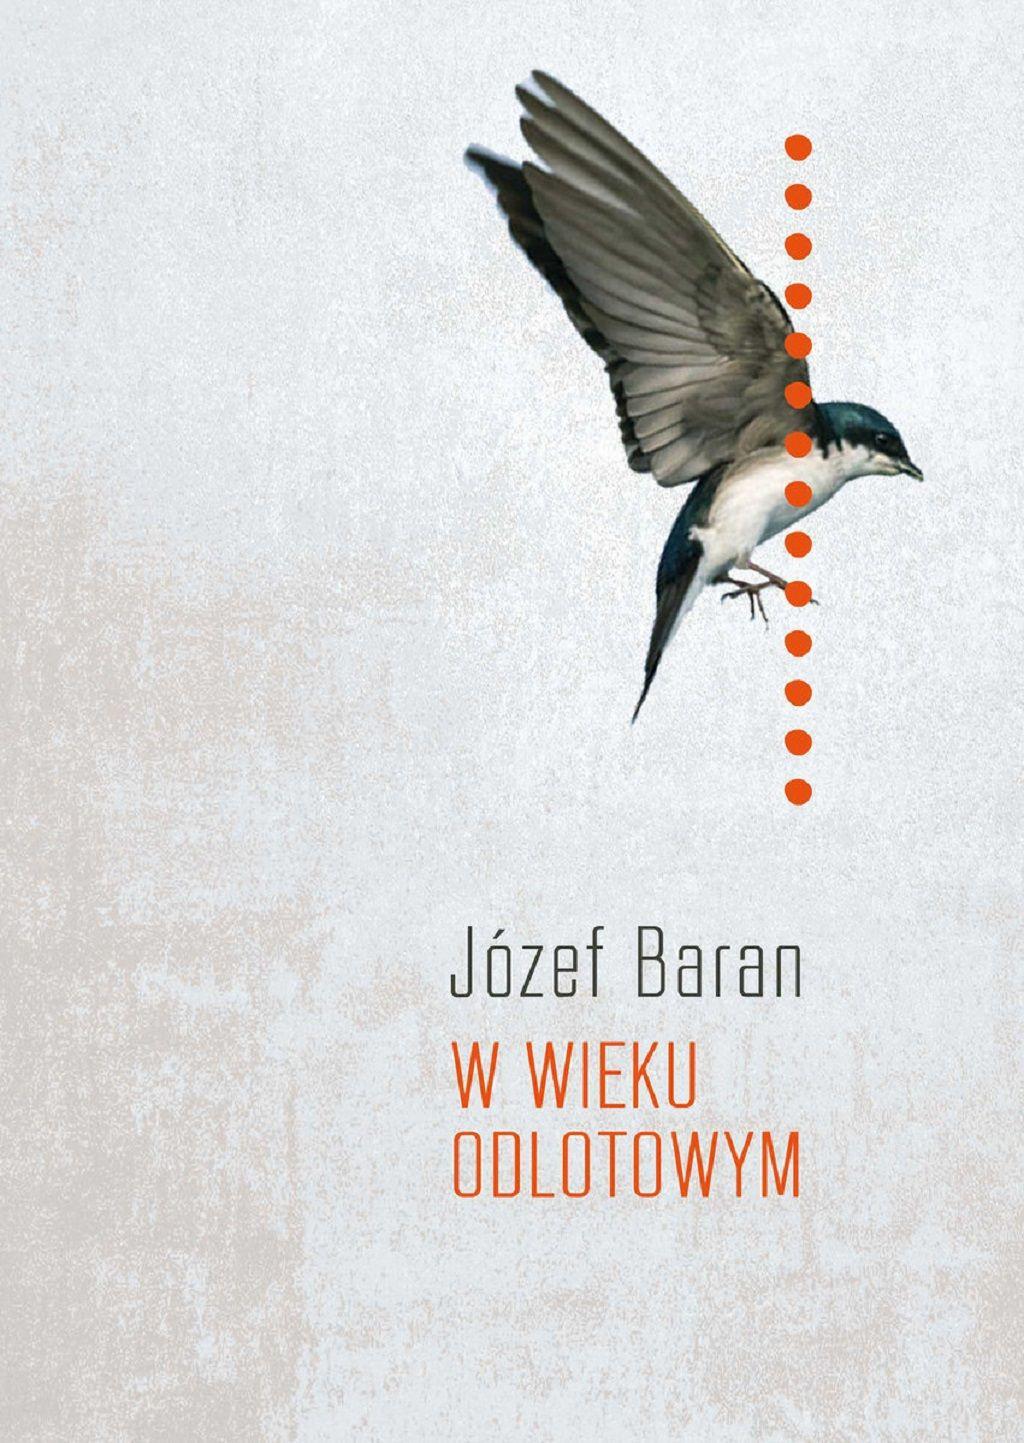 Józef Baran – W wieku odlotowym